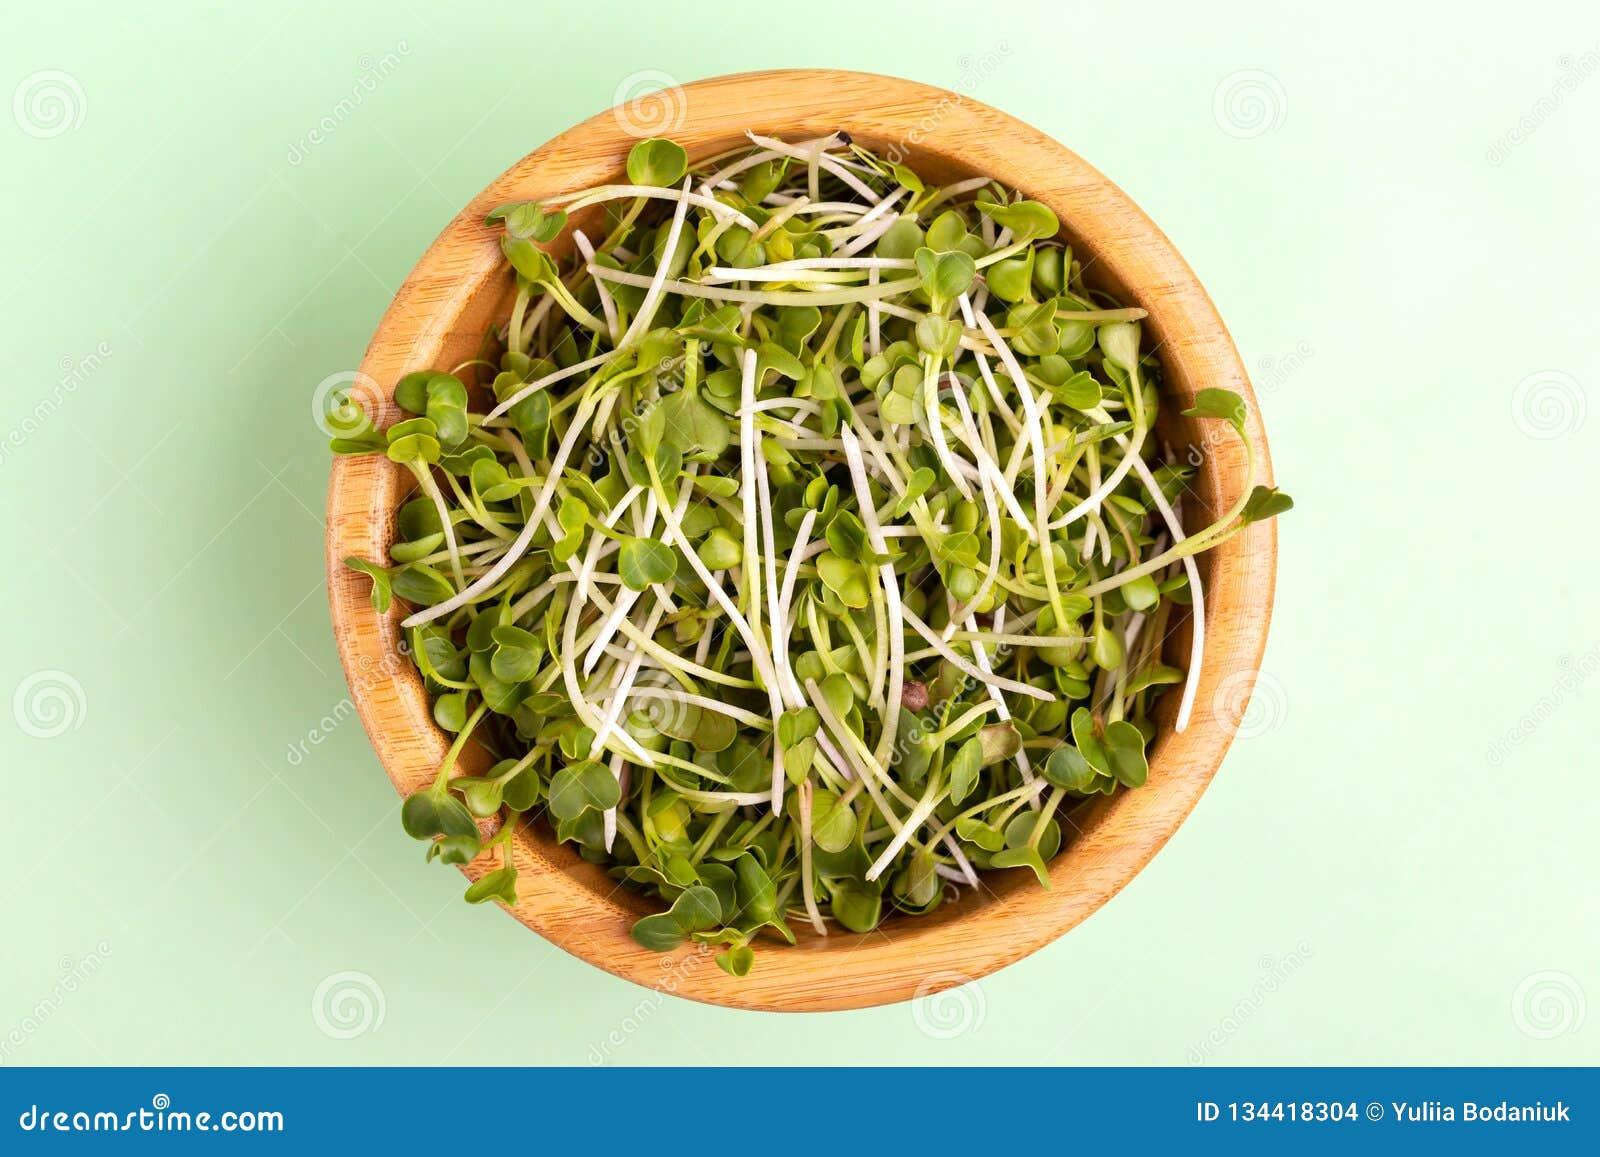 在木碗的发芽的萝卜新芽在浅绿色的背景